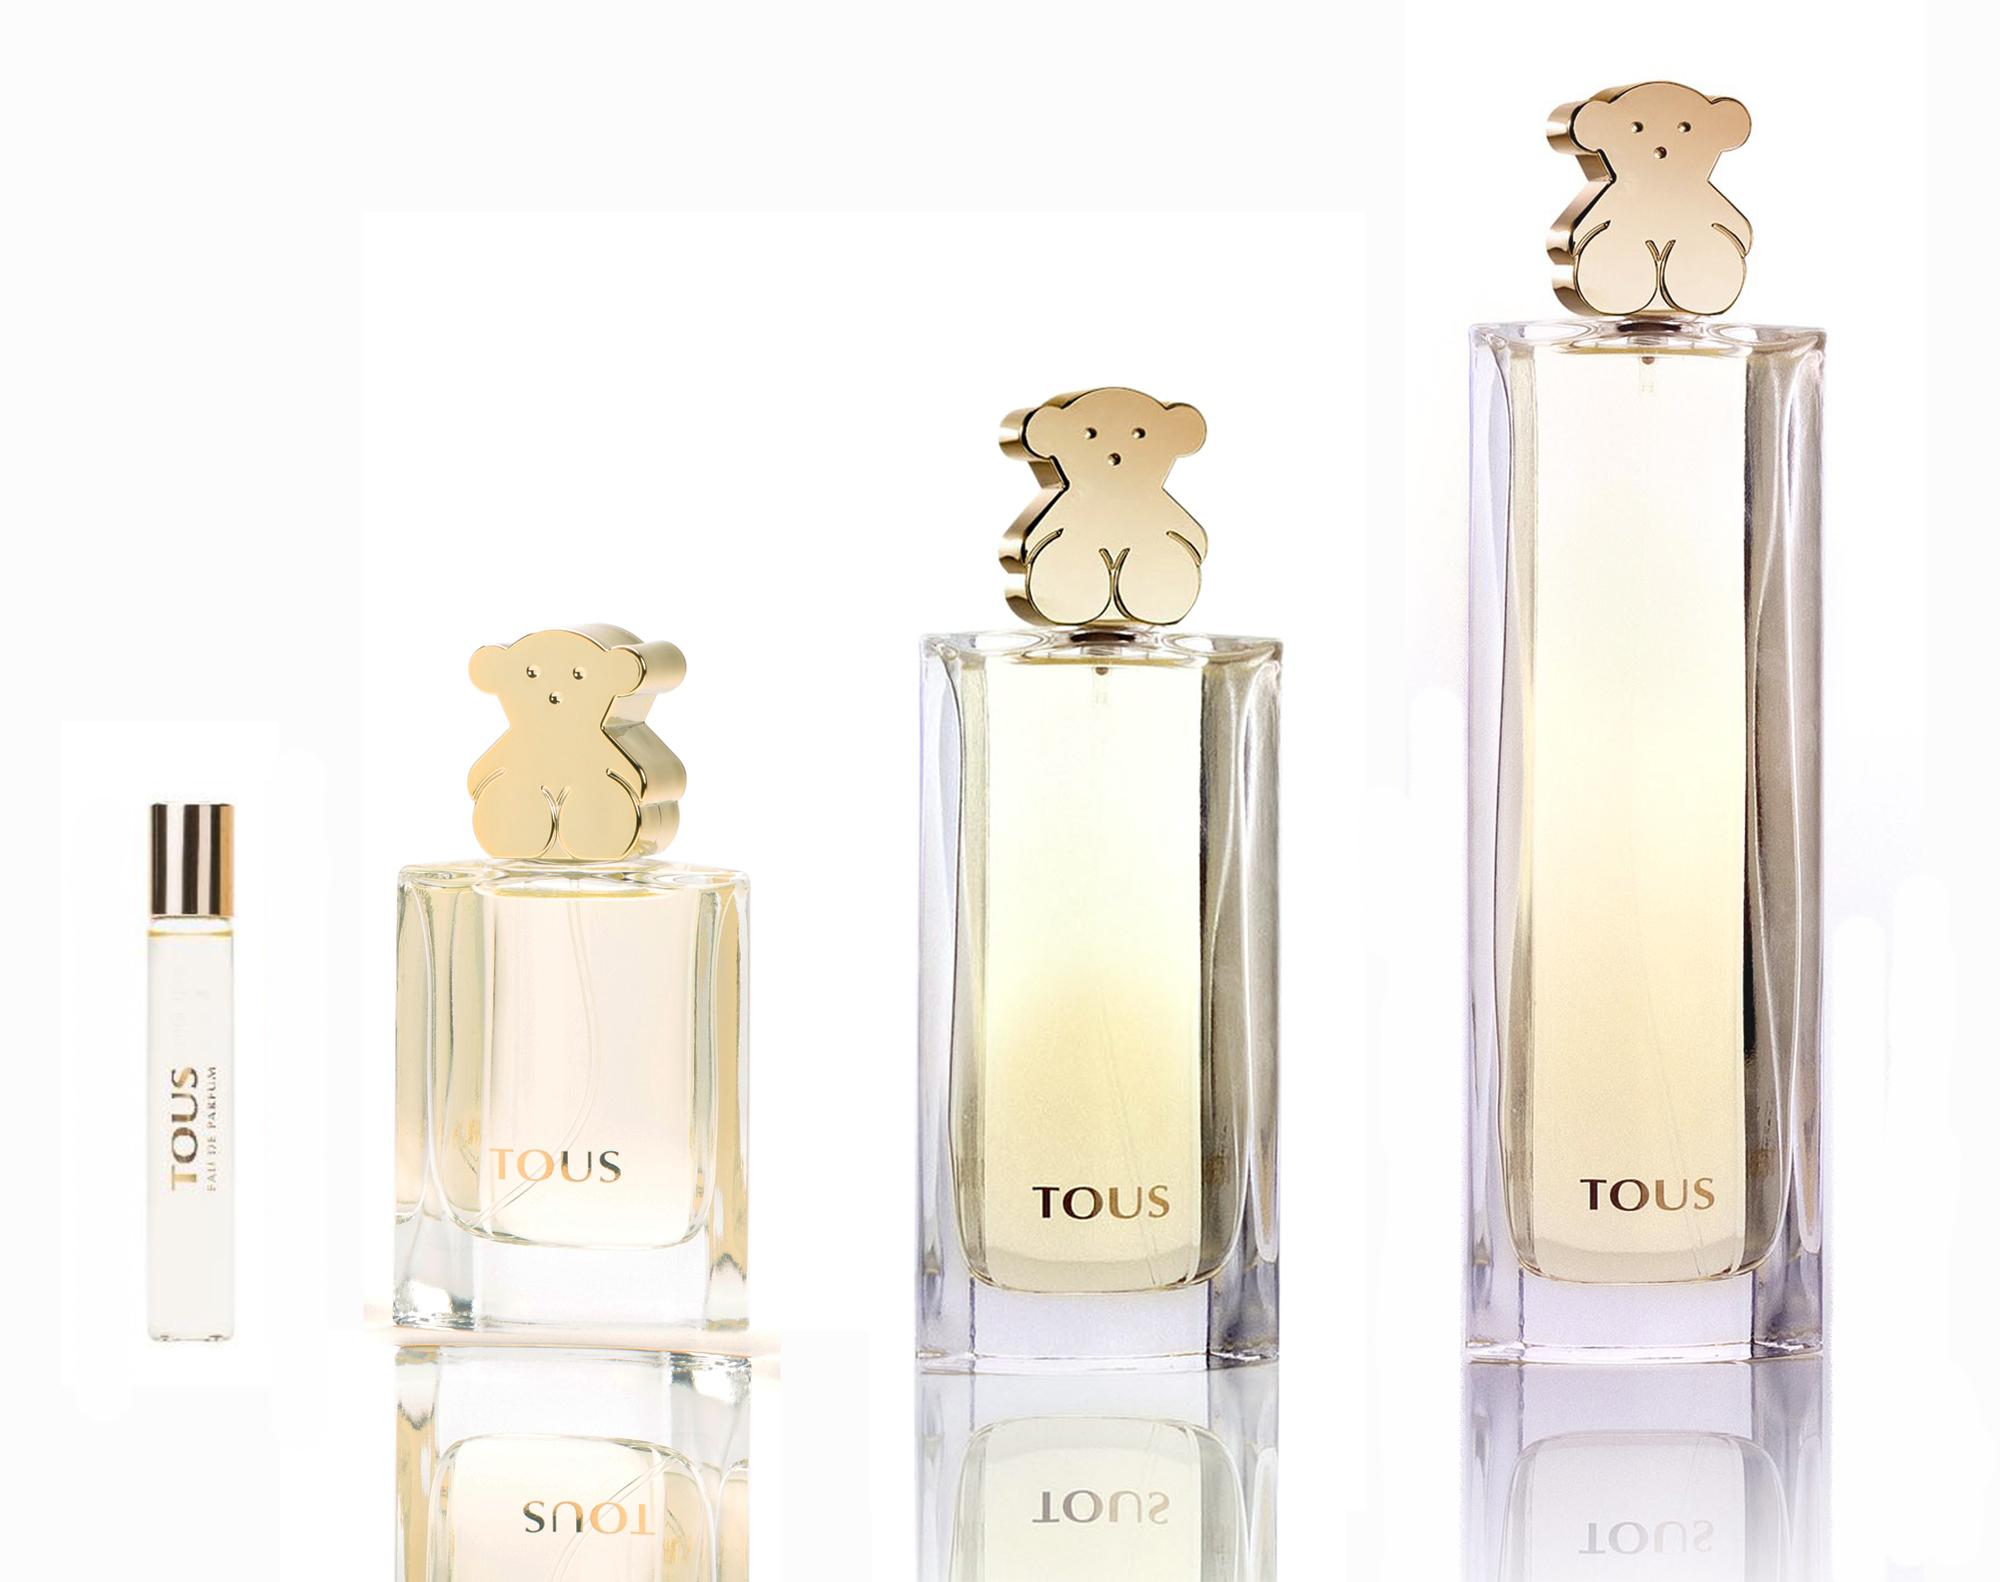 TOUS, 黃金小熊限量版淡香精, 黃金小熊, 限量香水, TOUS香水, 淡香精, 針管香水, 試管香水, 淘氣小熊, 宏亞香水, 香氛, 試用, 體驗